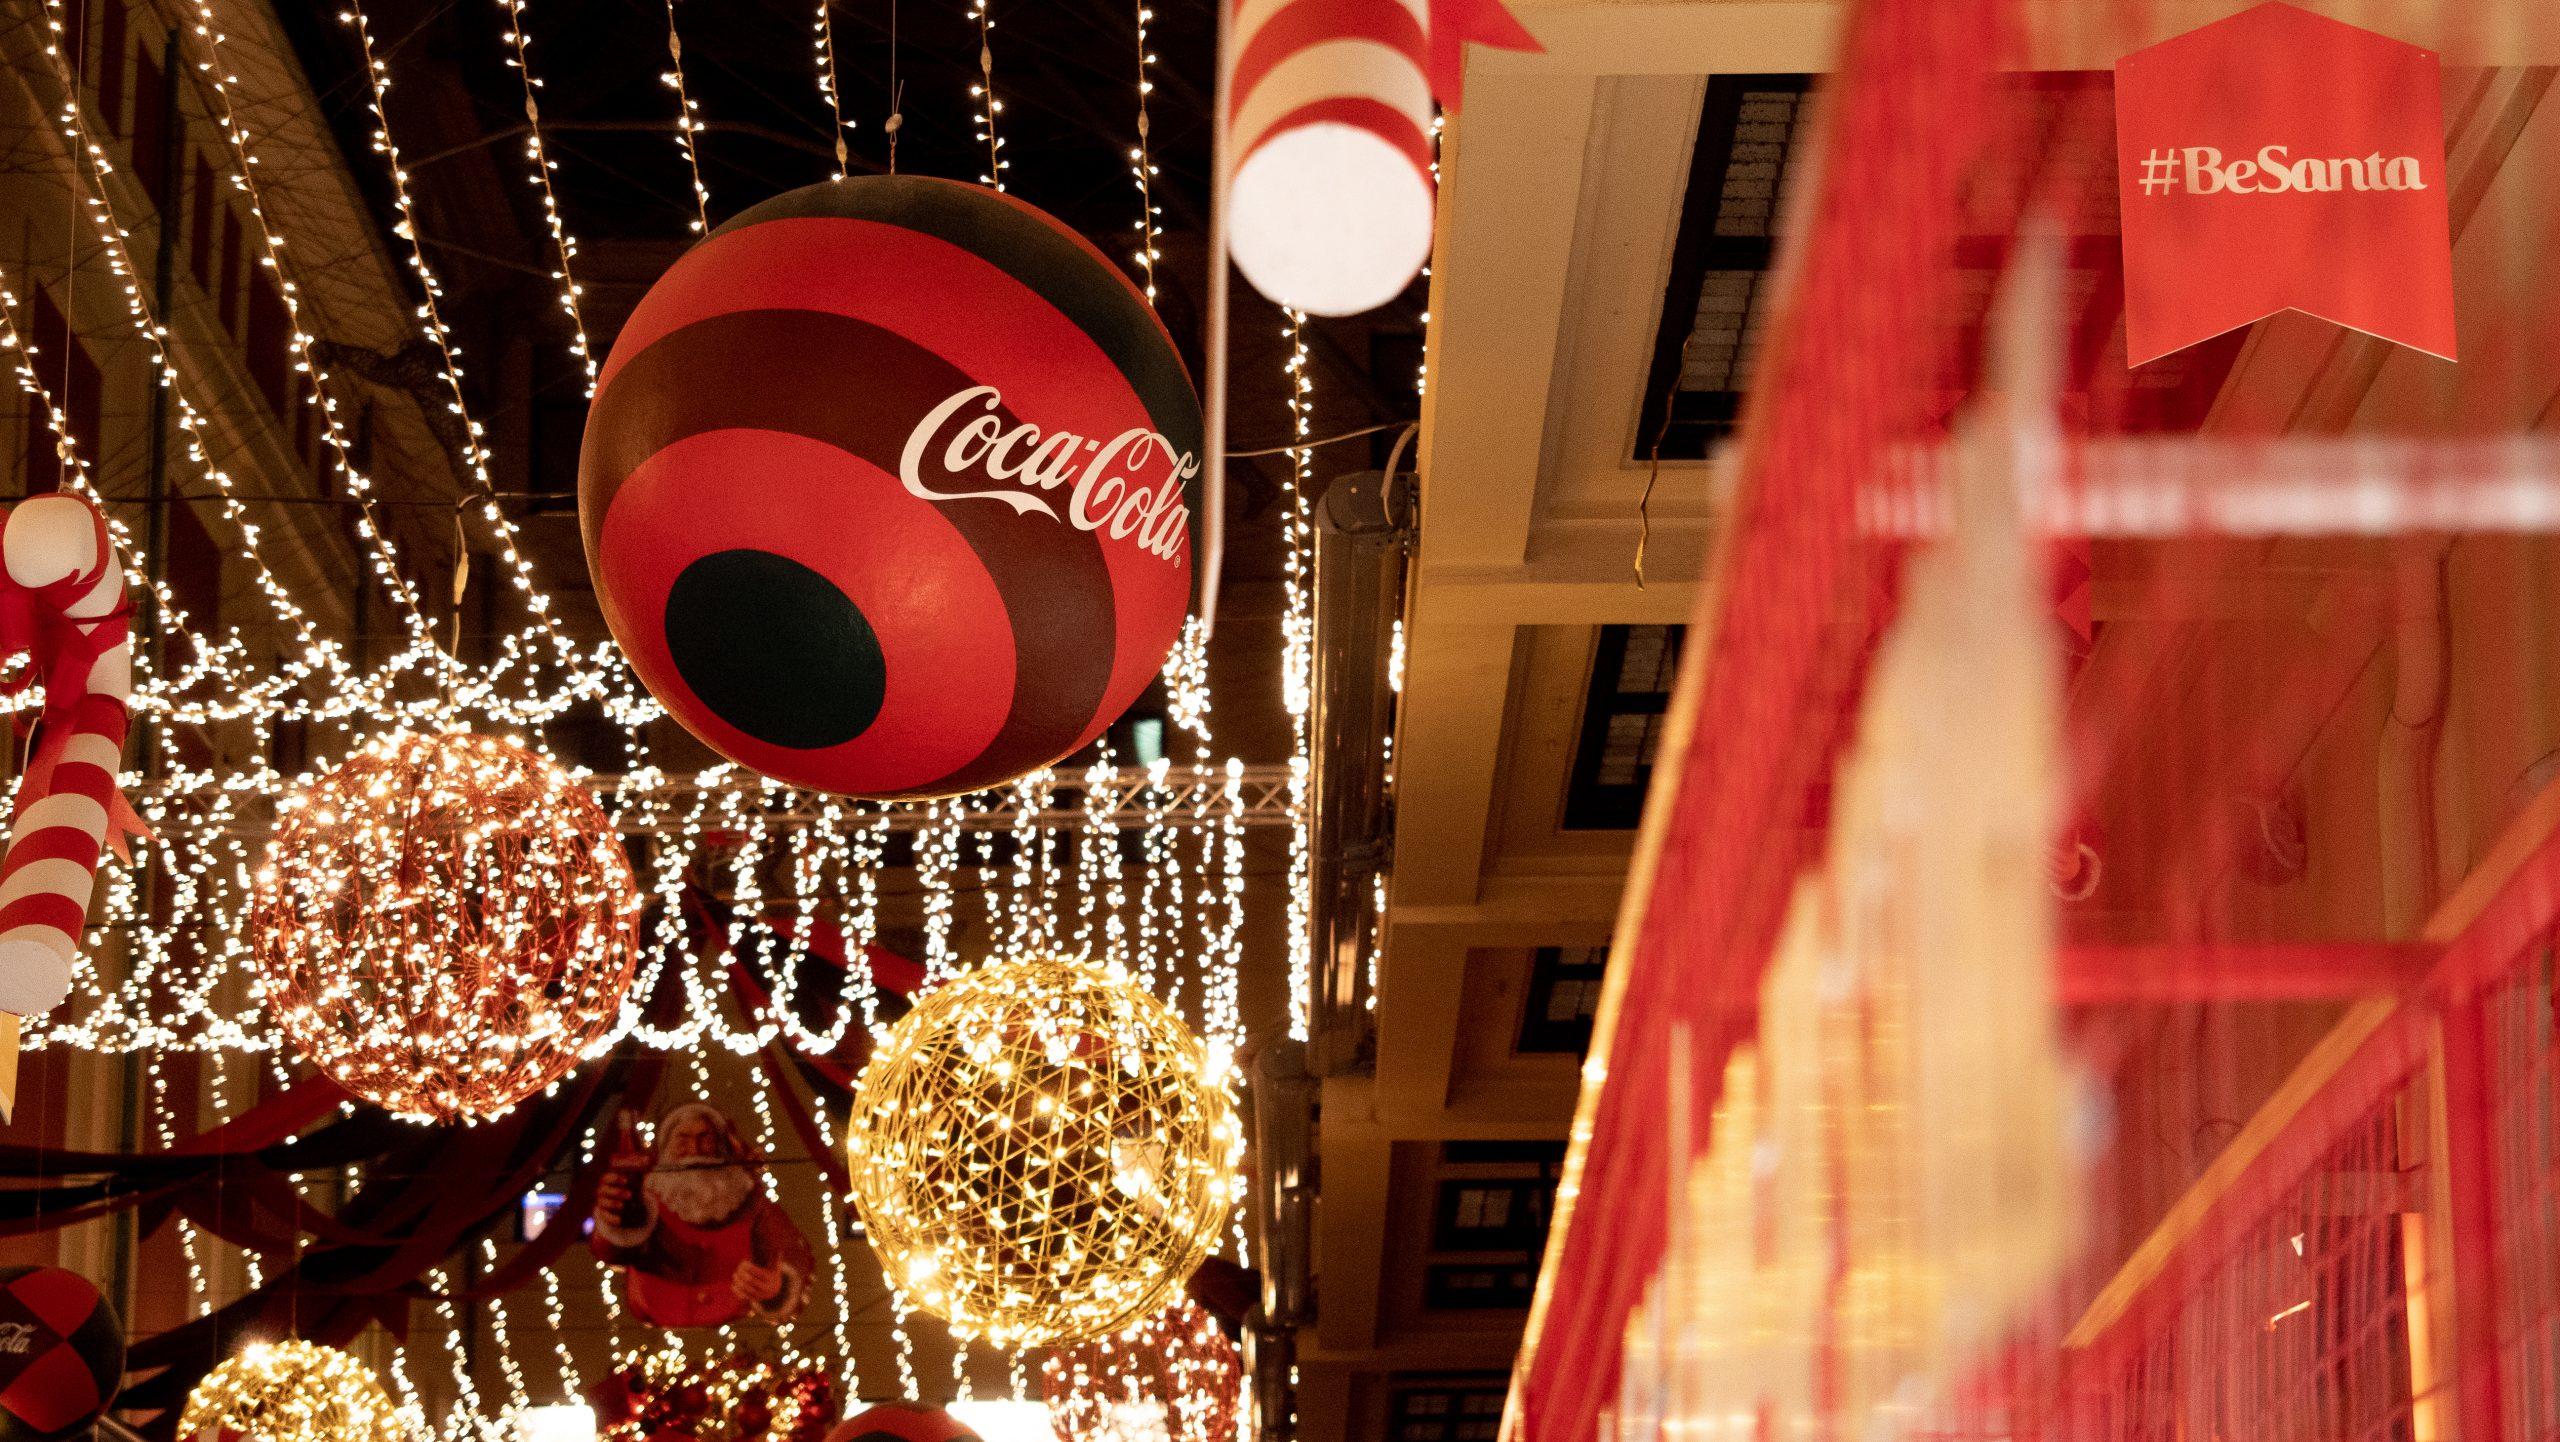 Η Coca-Cola έφερε τα Χριστούγεννα στην Αθήνα